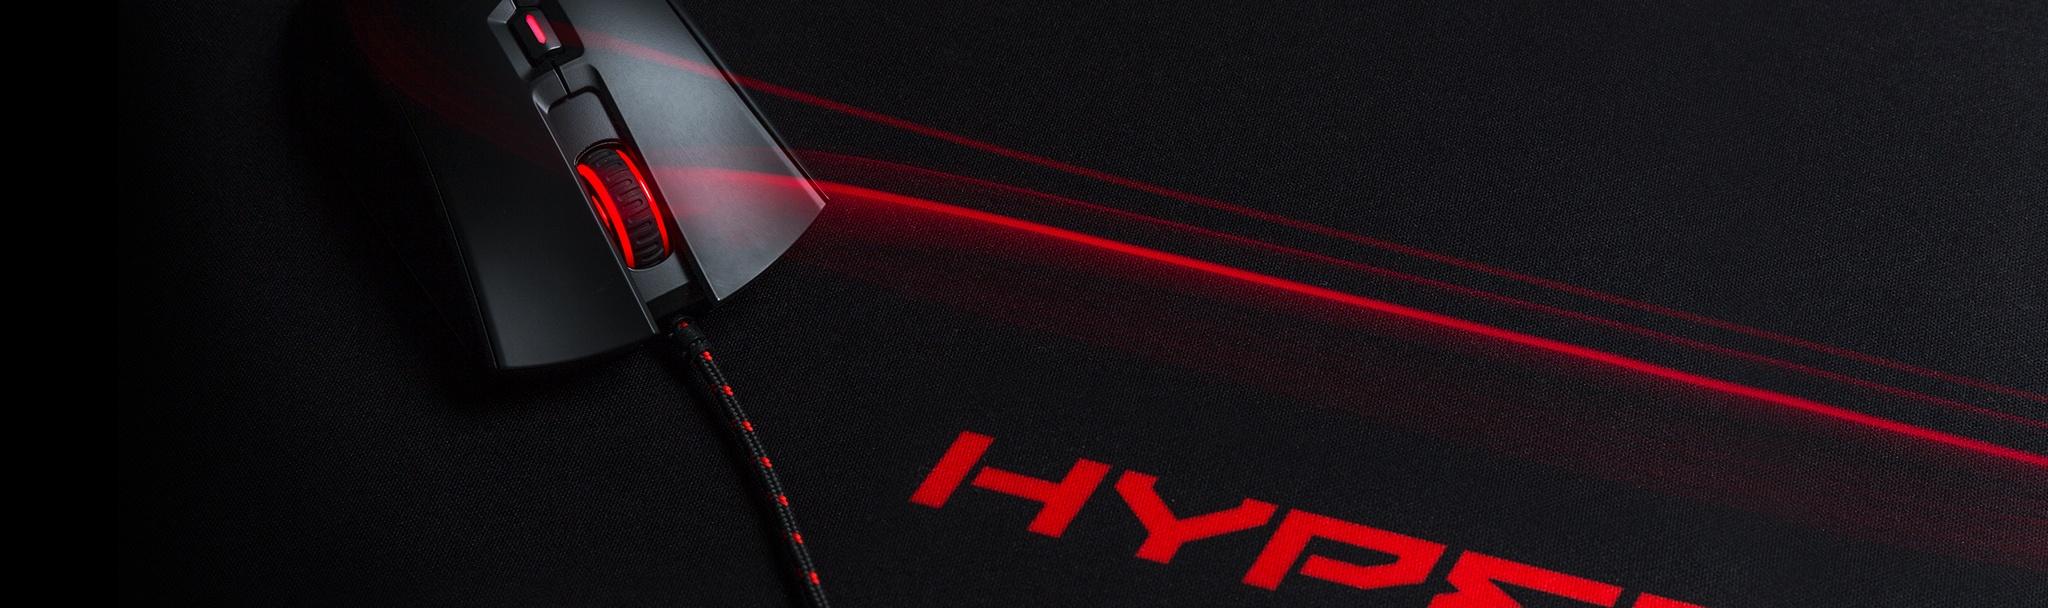 Mousepad hyperx fury deslise